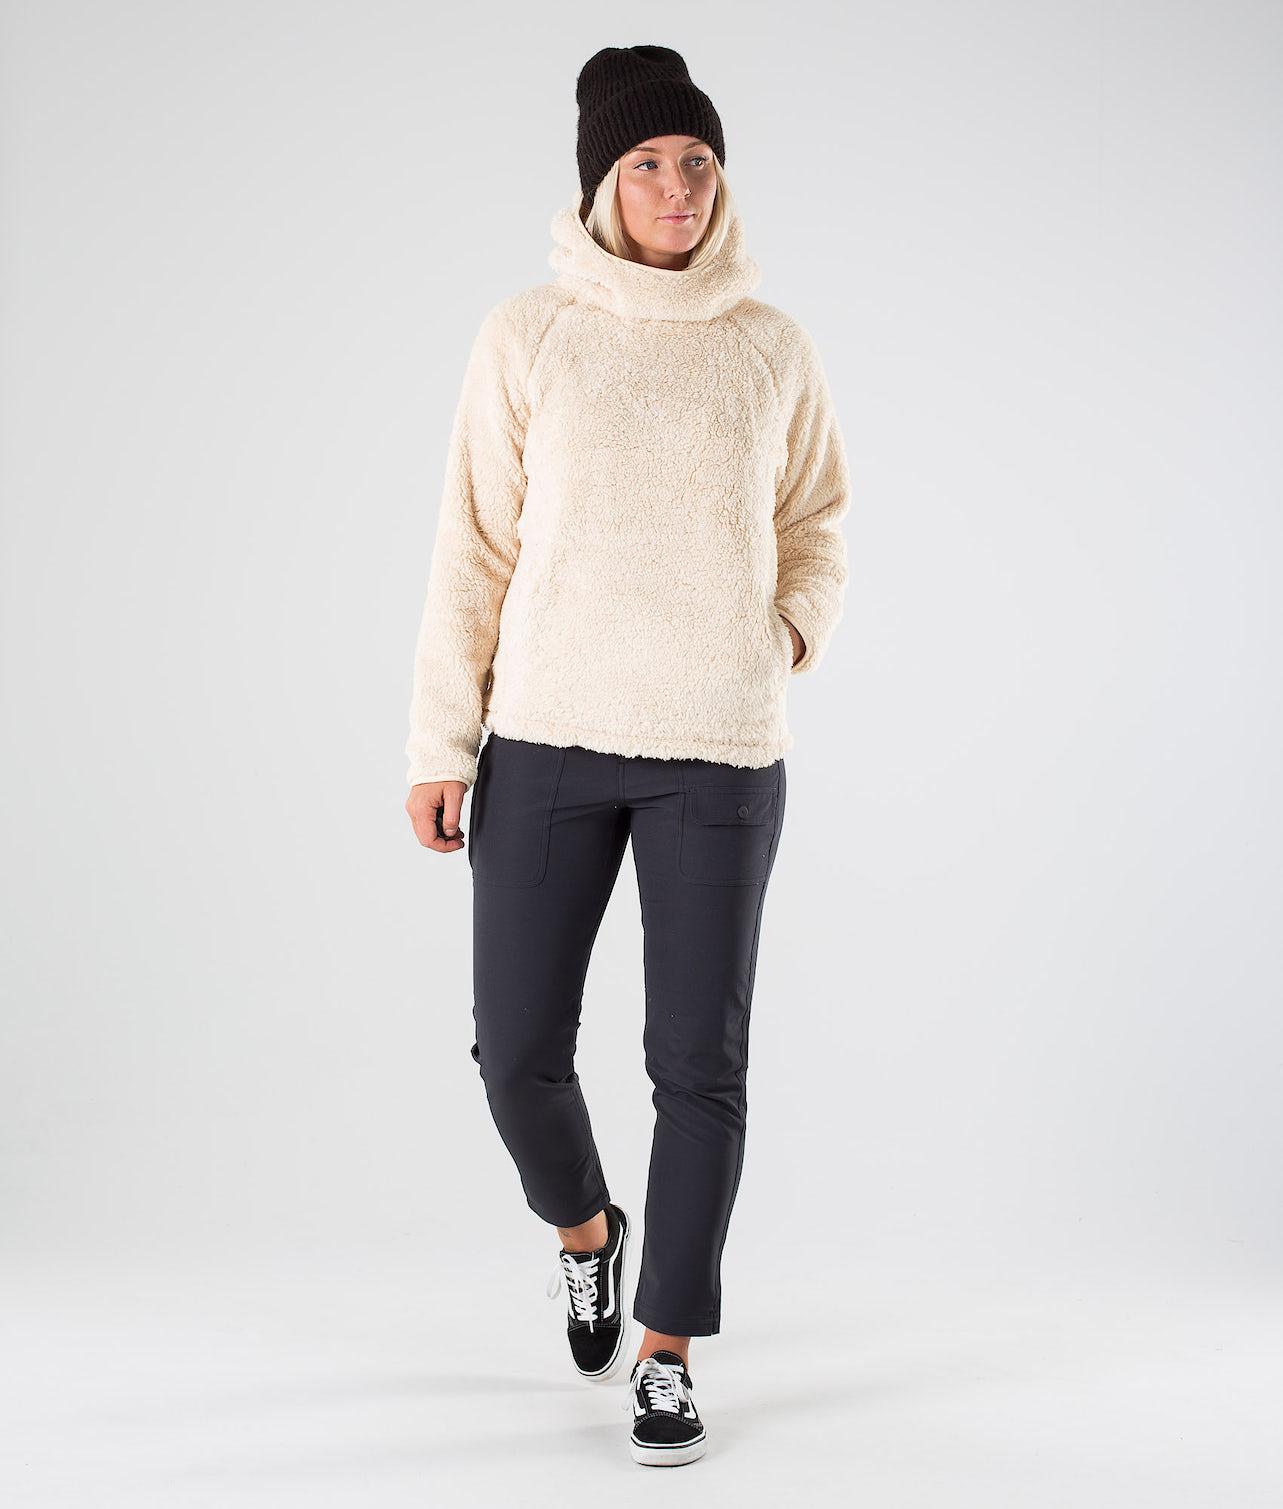 Köp Lynx Pullover Hood från Burton på Ridestore.se Hos oss har du alltid fri frakt, fri retur och 30 dagar öppet köp!